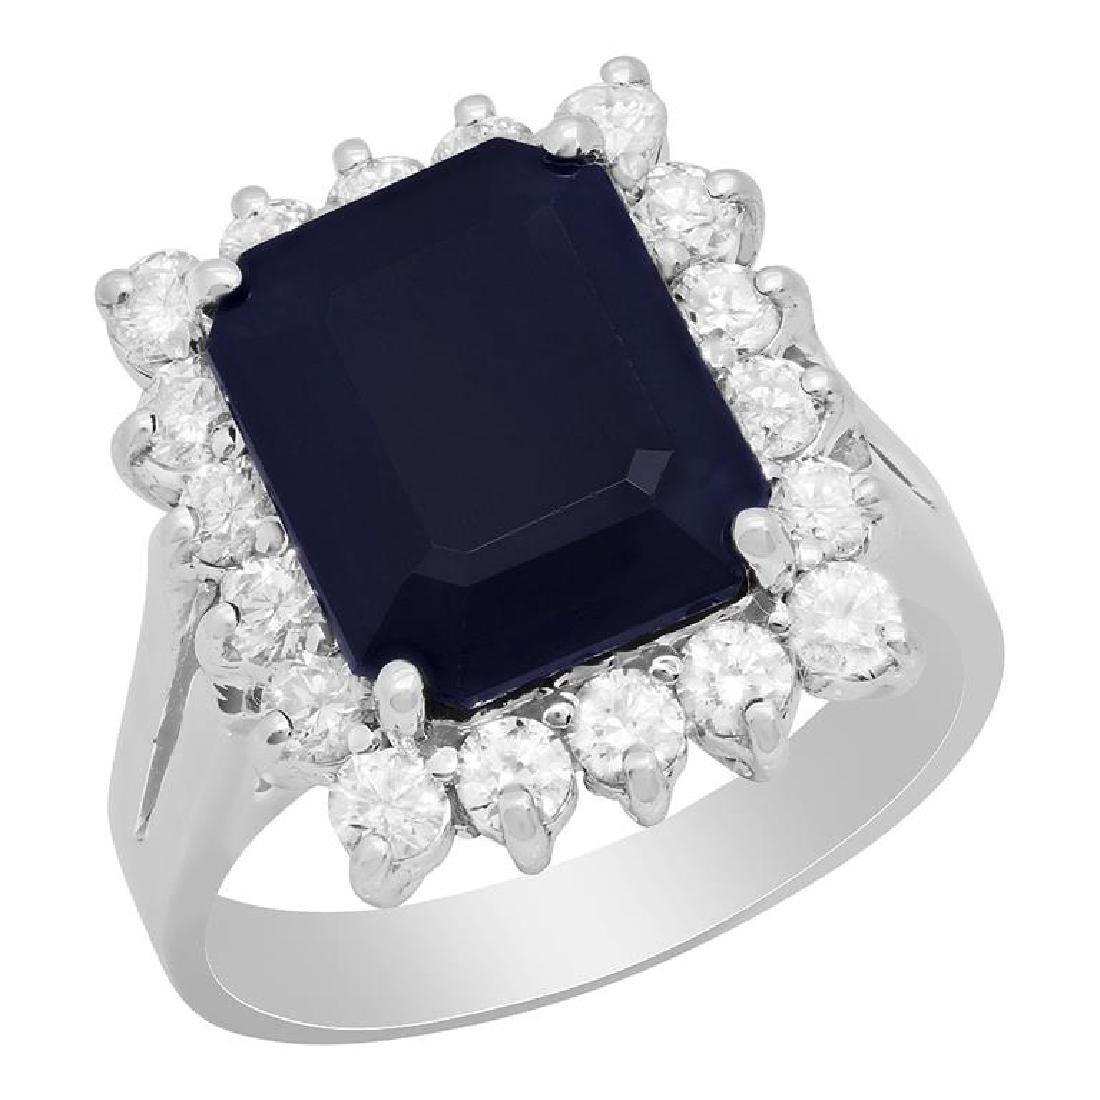 14k White Gold 5.05ct Sapphire 0.91ct Diamond Ring